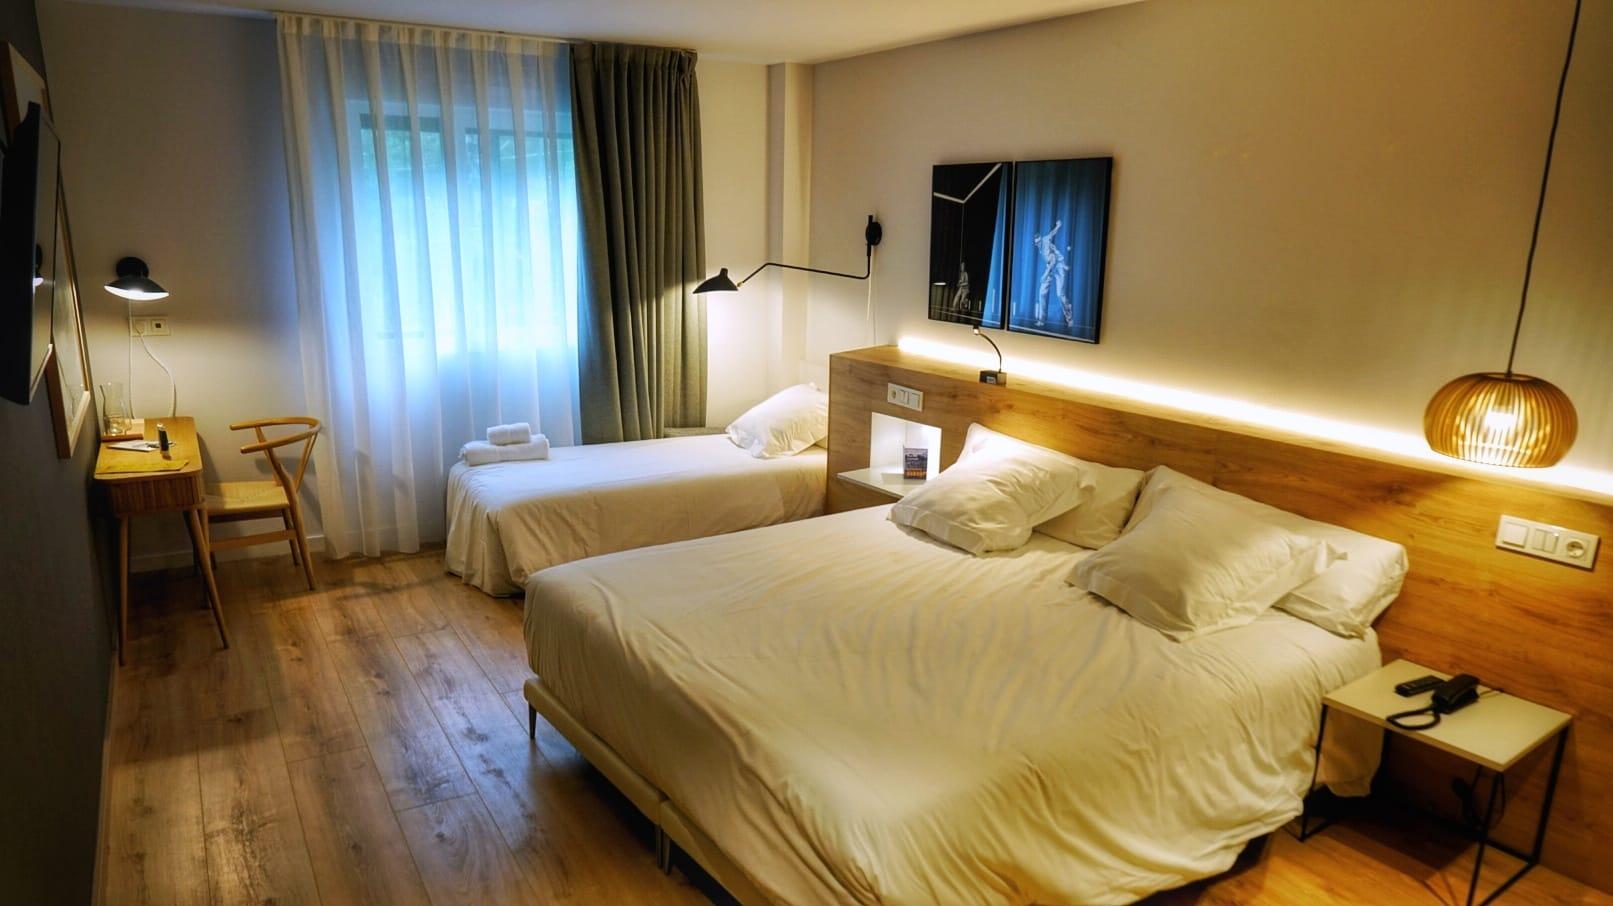 Habitación familiar Hotel Bide Bide de Tolosa